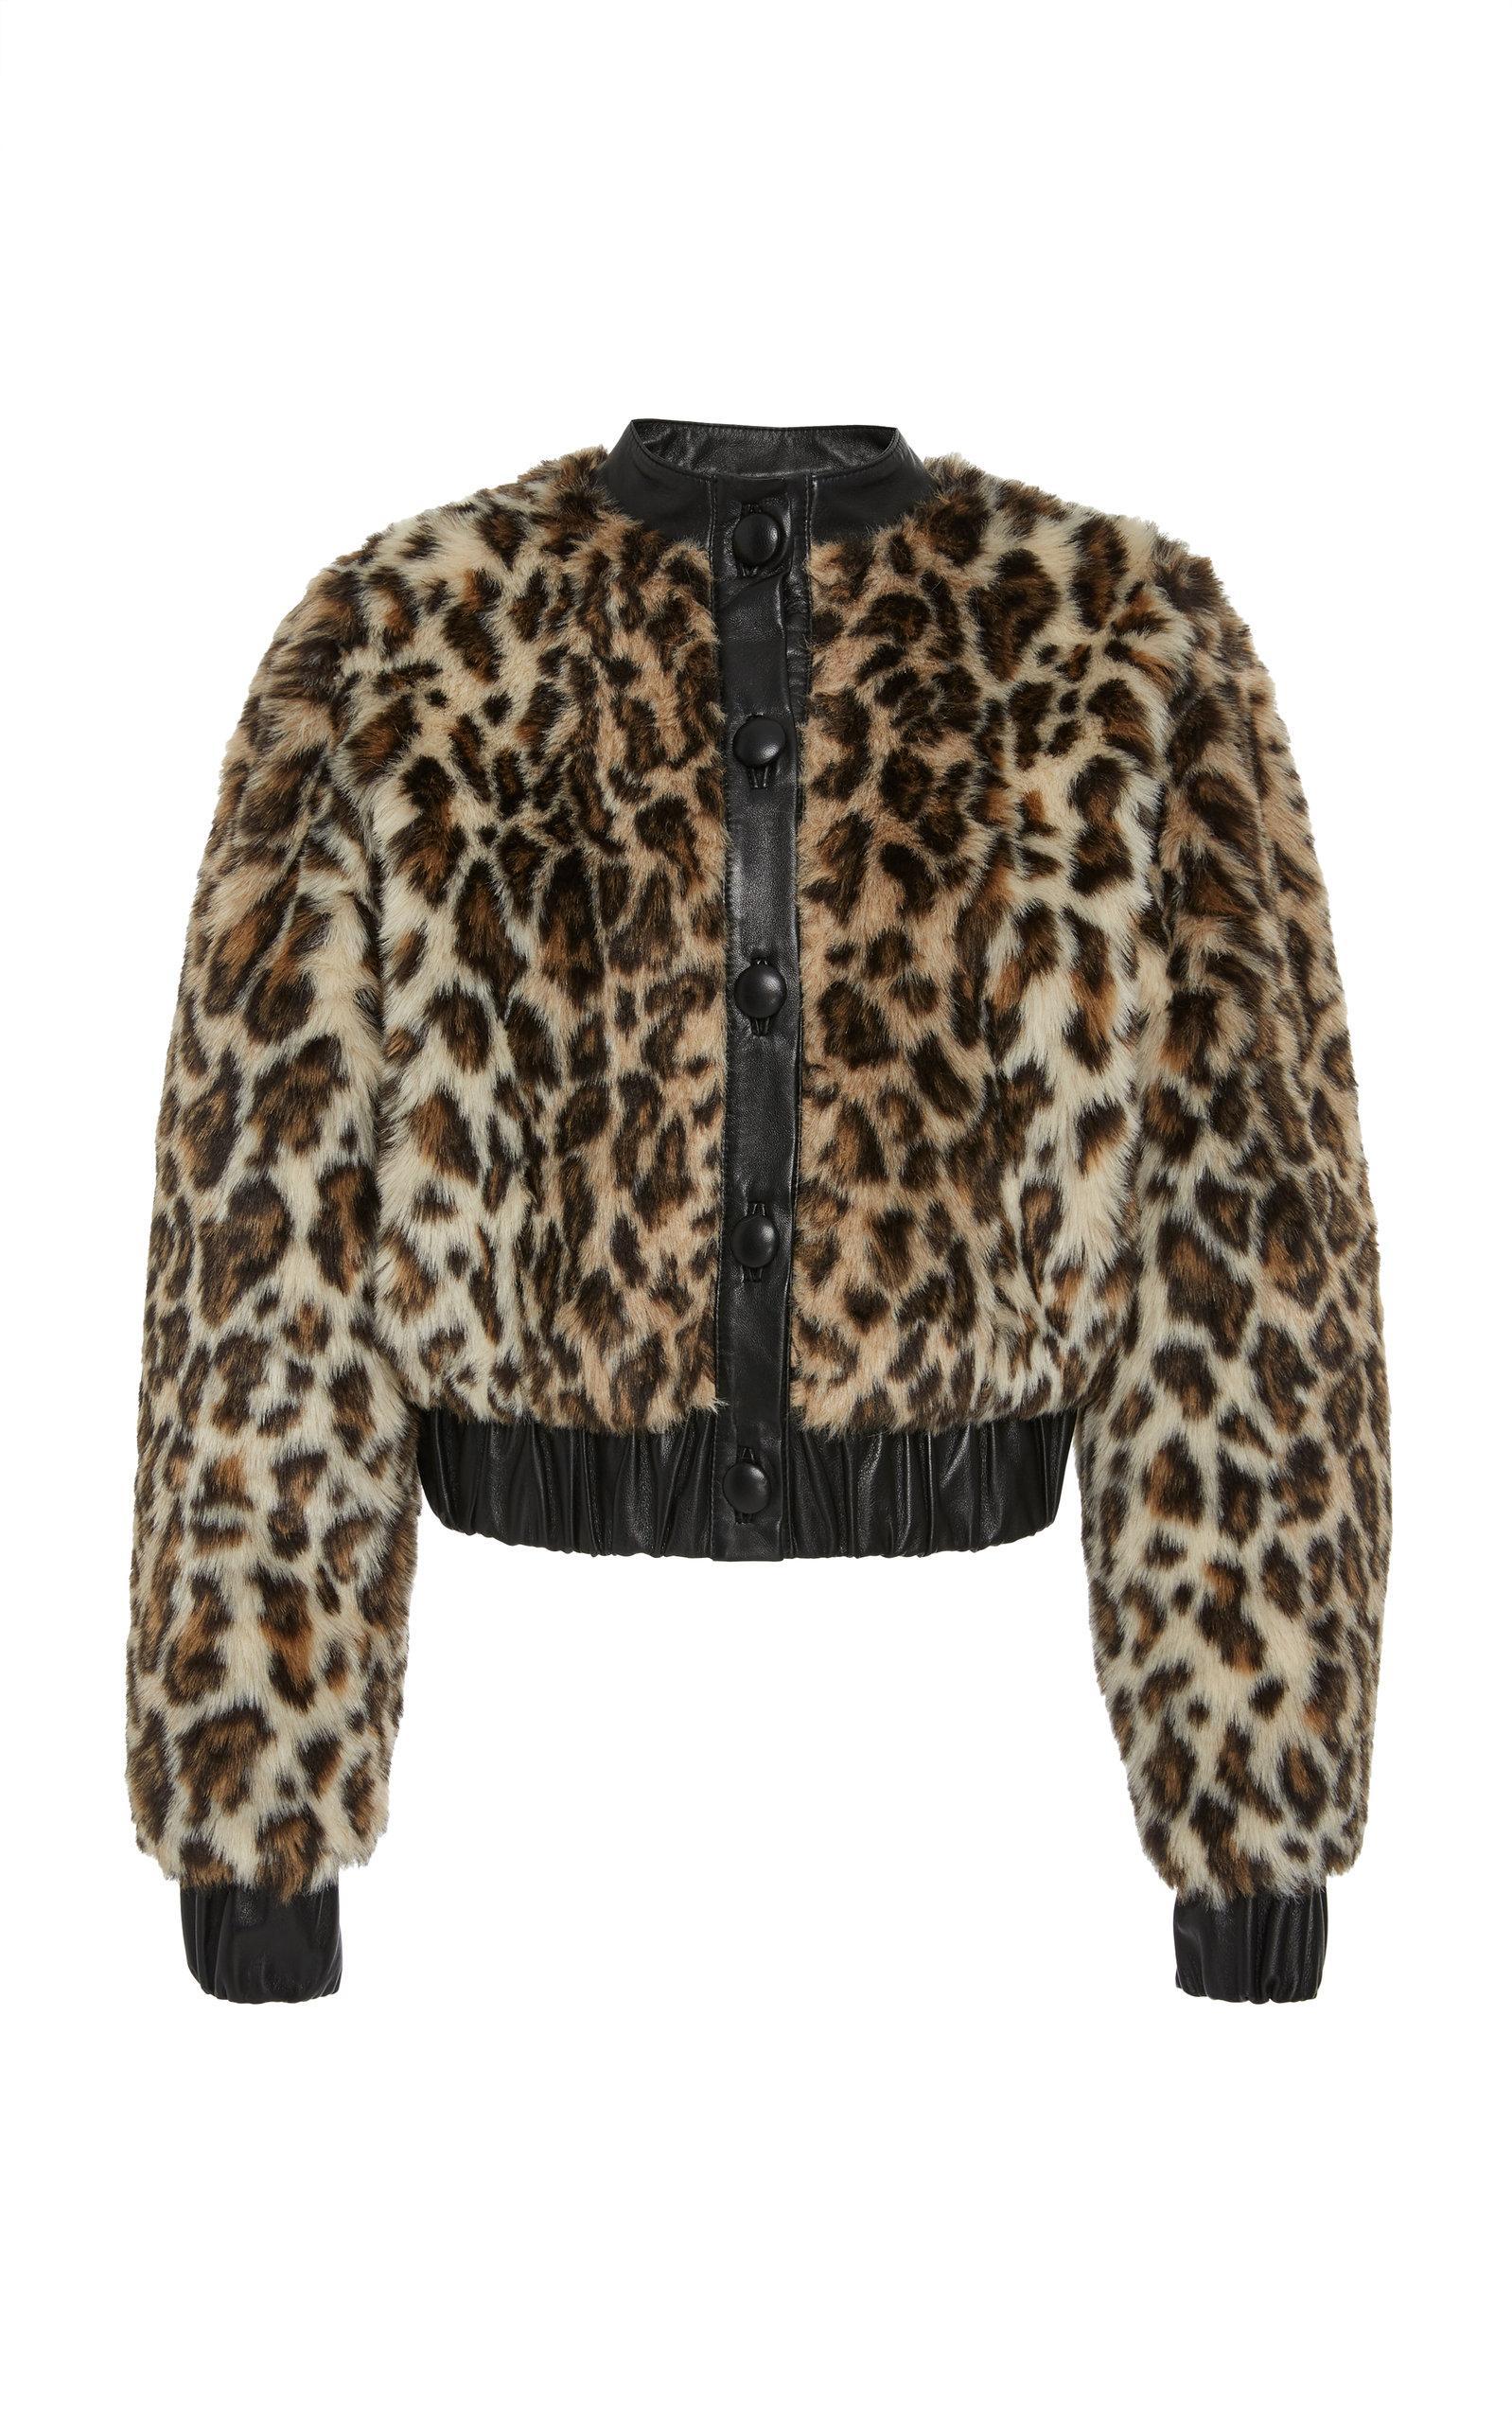 e36047c68 Leopard Print Faux Fur Bomber Jacket